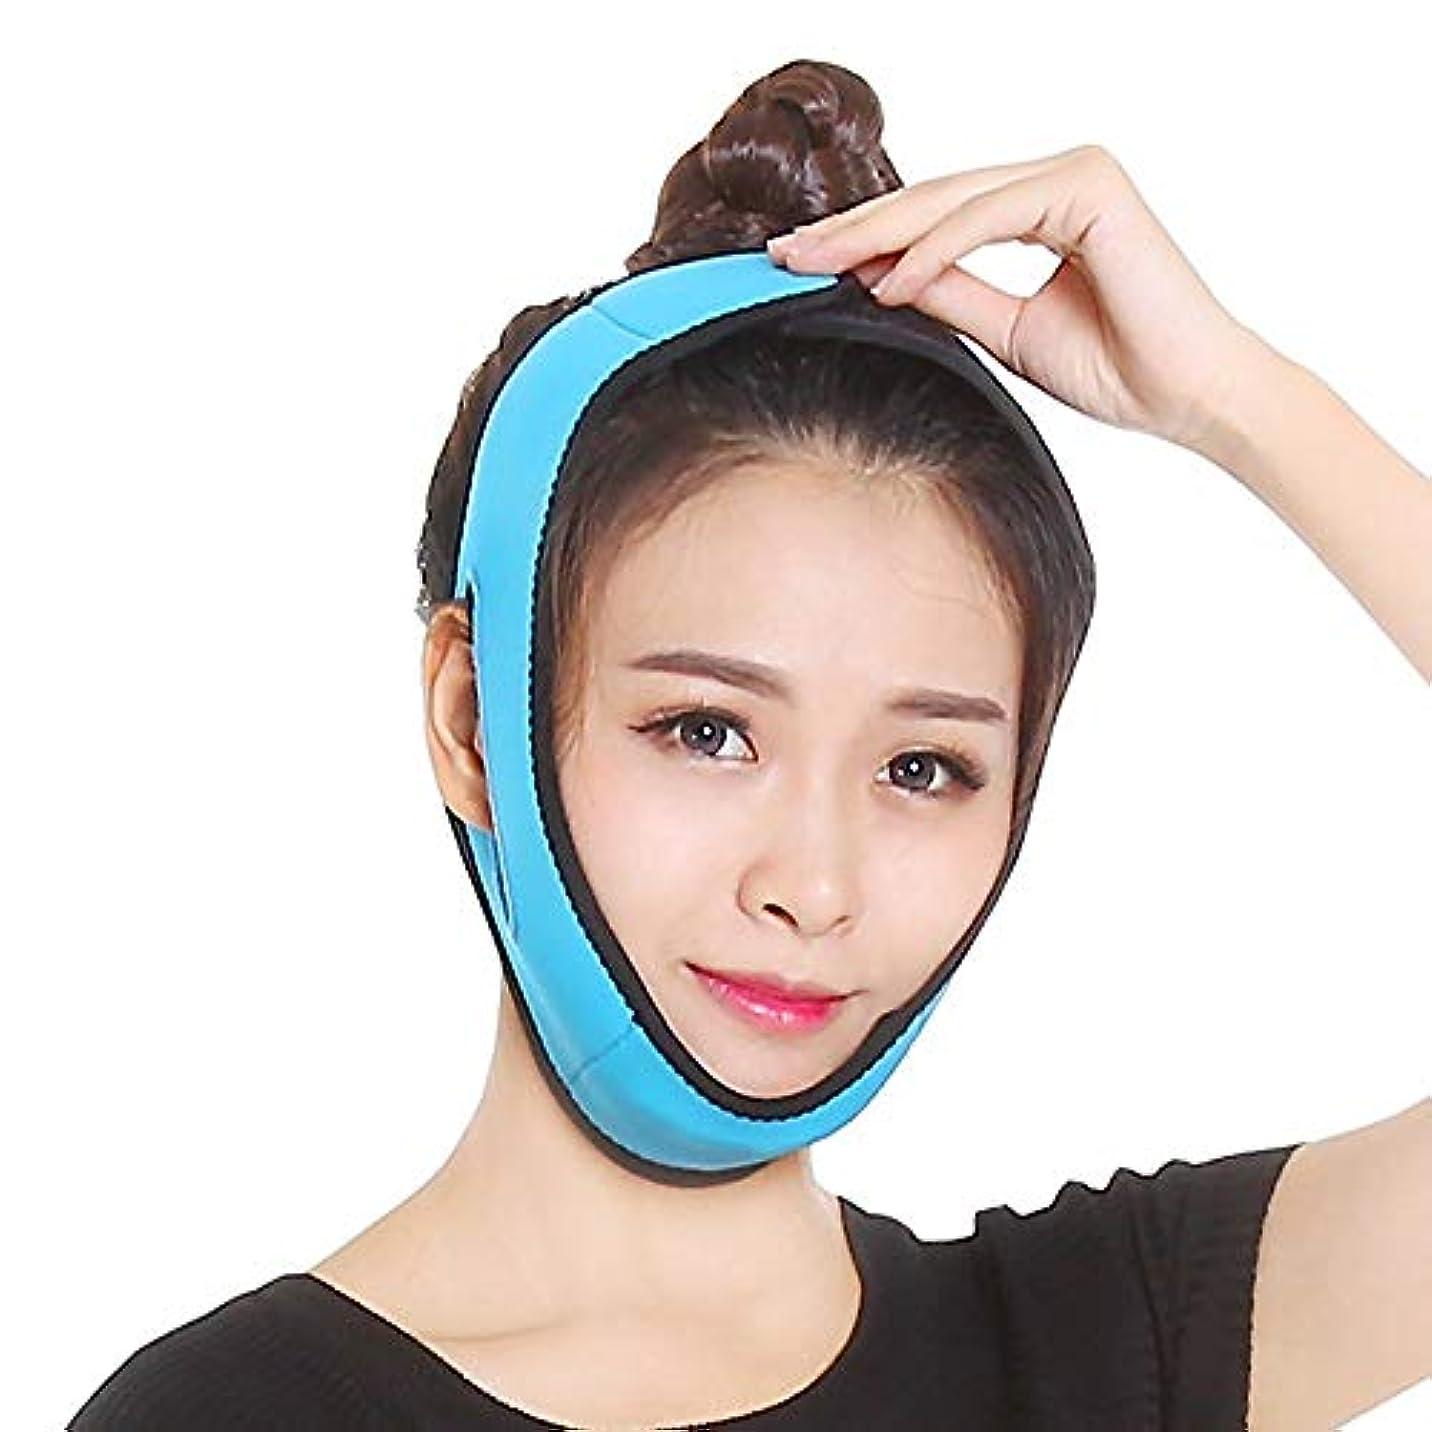 統計的バスケットボール話Minmin フェイシャルリフティングスリミングベルト - 薄いフェイス包帯二重あごデバイス無料フェイシャルマッサージ整形マスクを引き締める顔と首の顔スリム みんみんVラインフェイスマスク